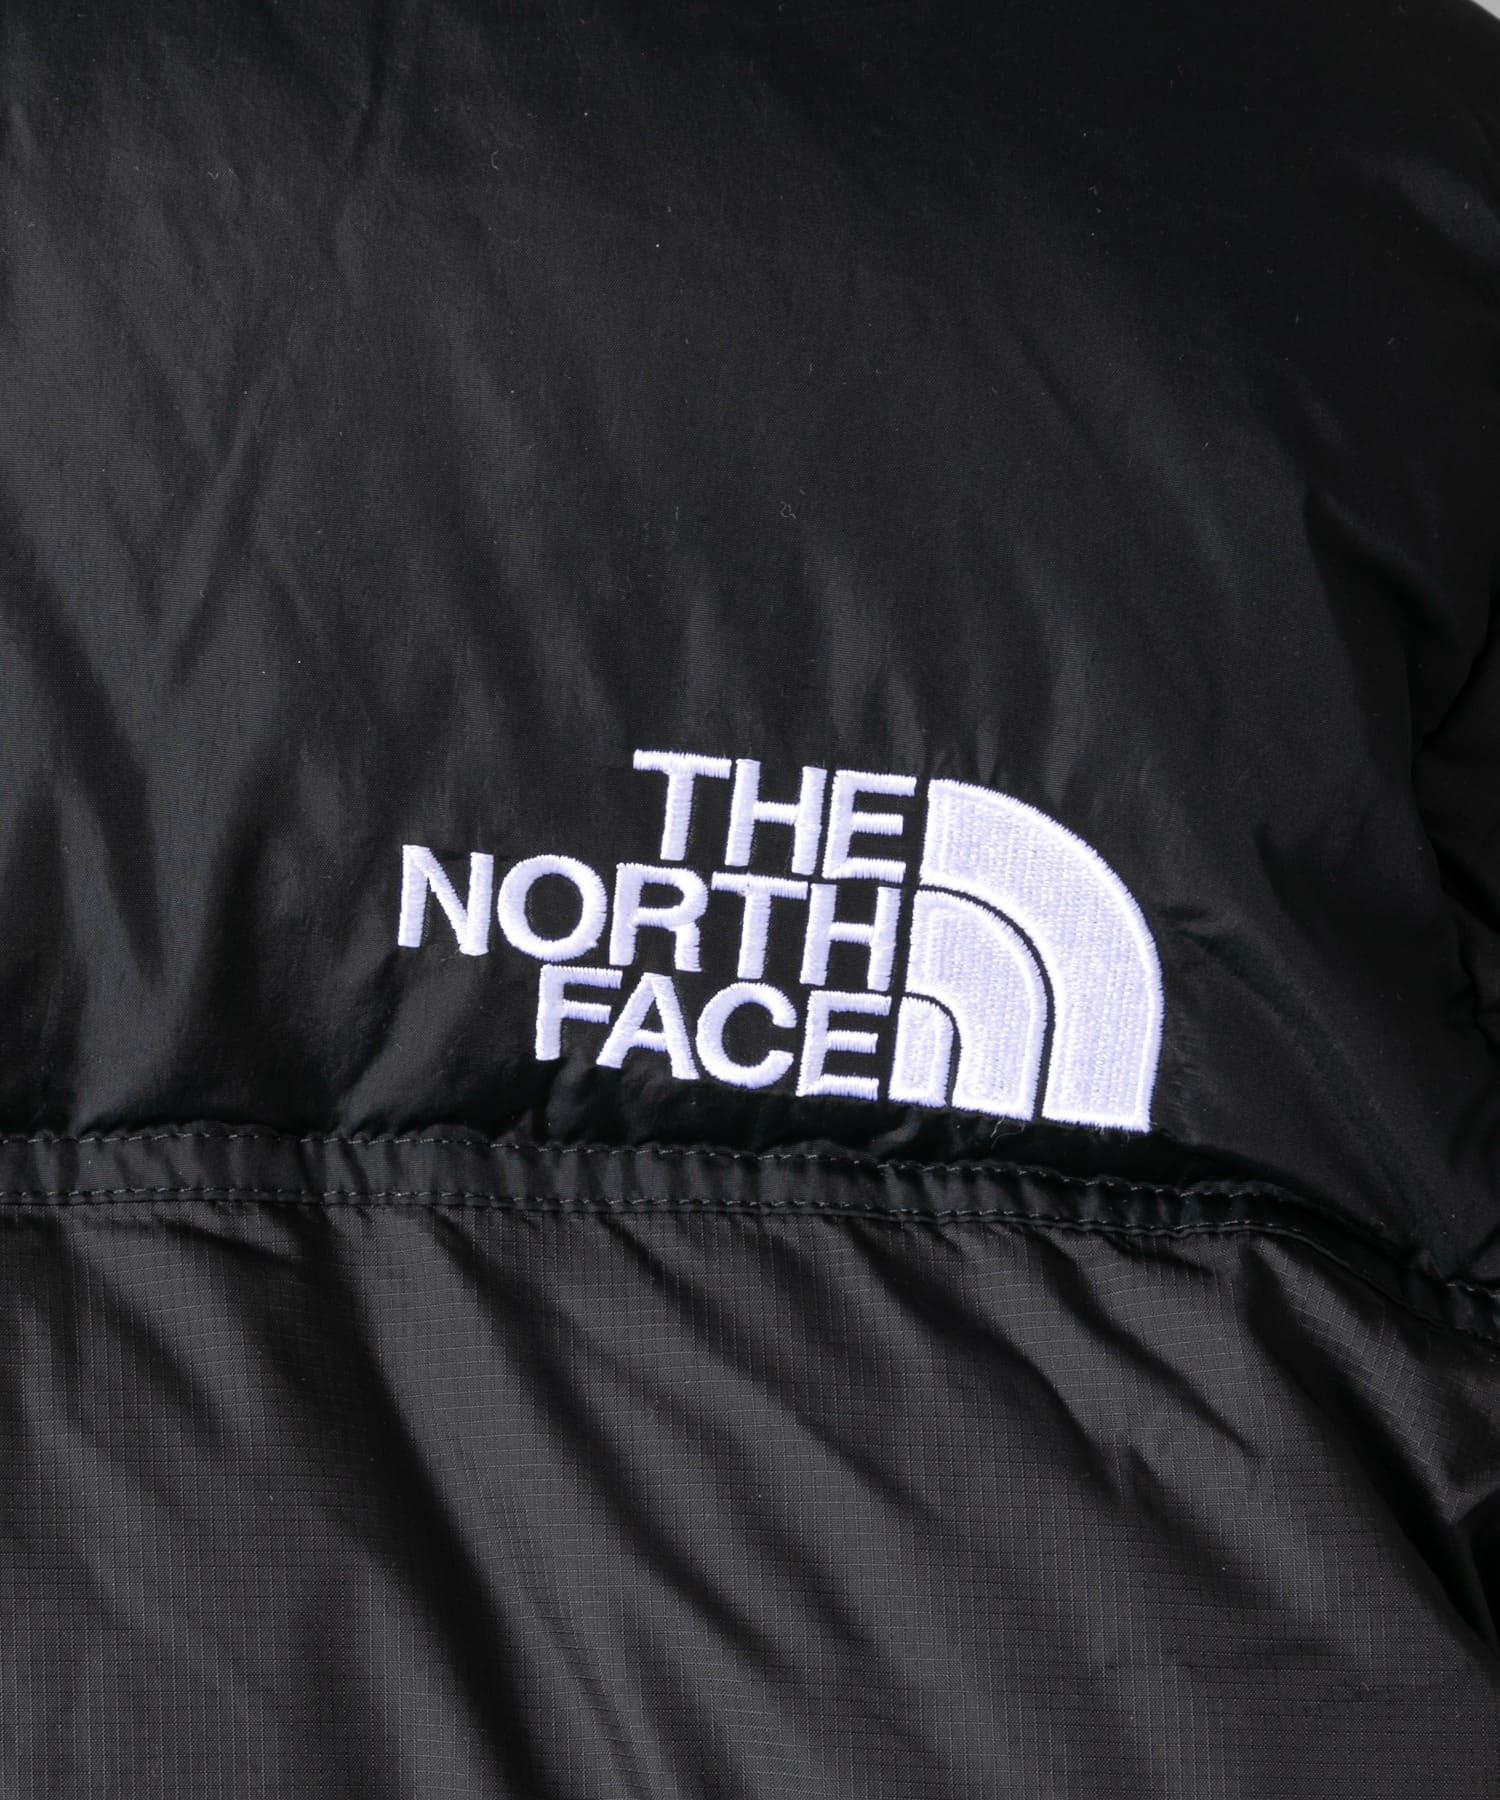 CIAOPANIC(チャオパニック) 【THE NORTH FACE 】Nuptse JACKET/ヌプシジャケット